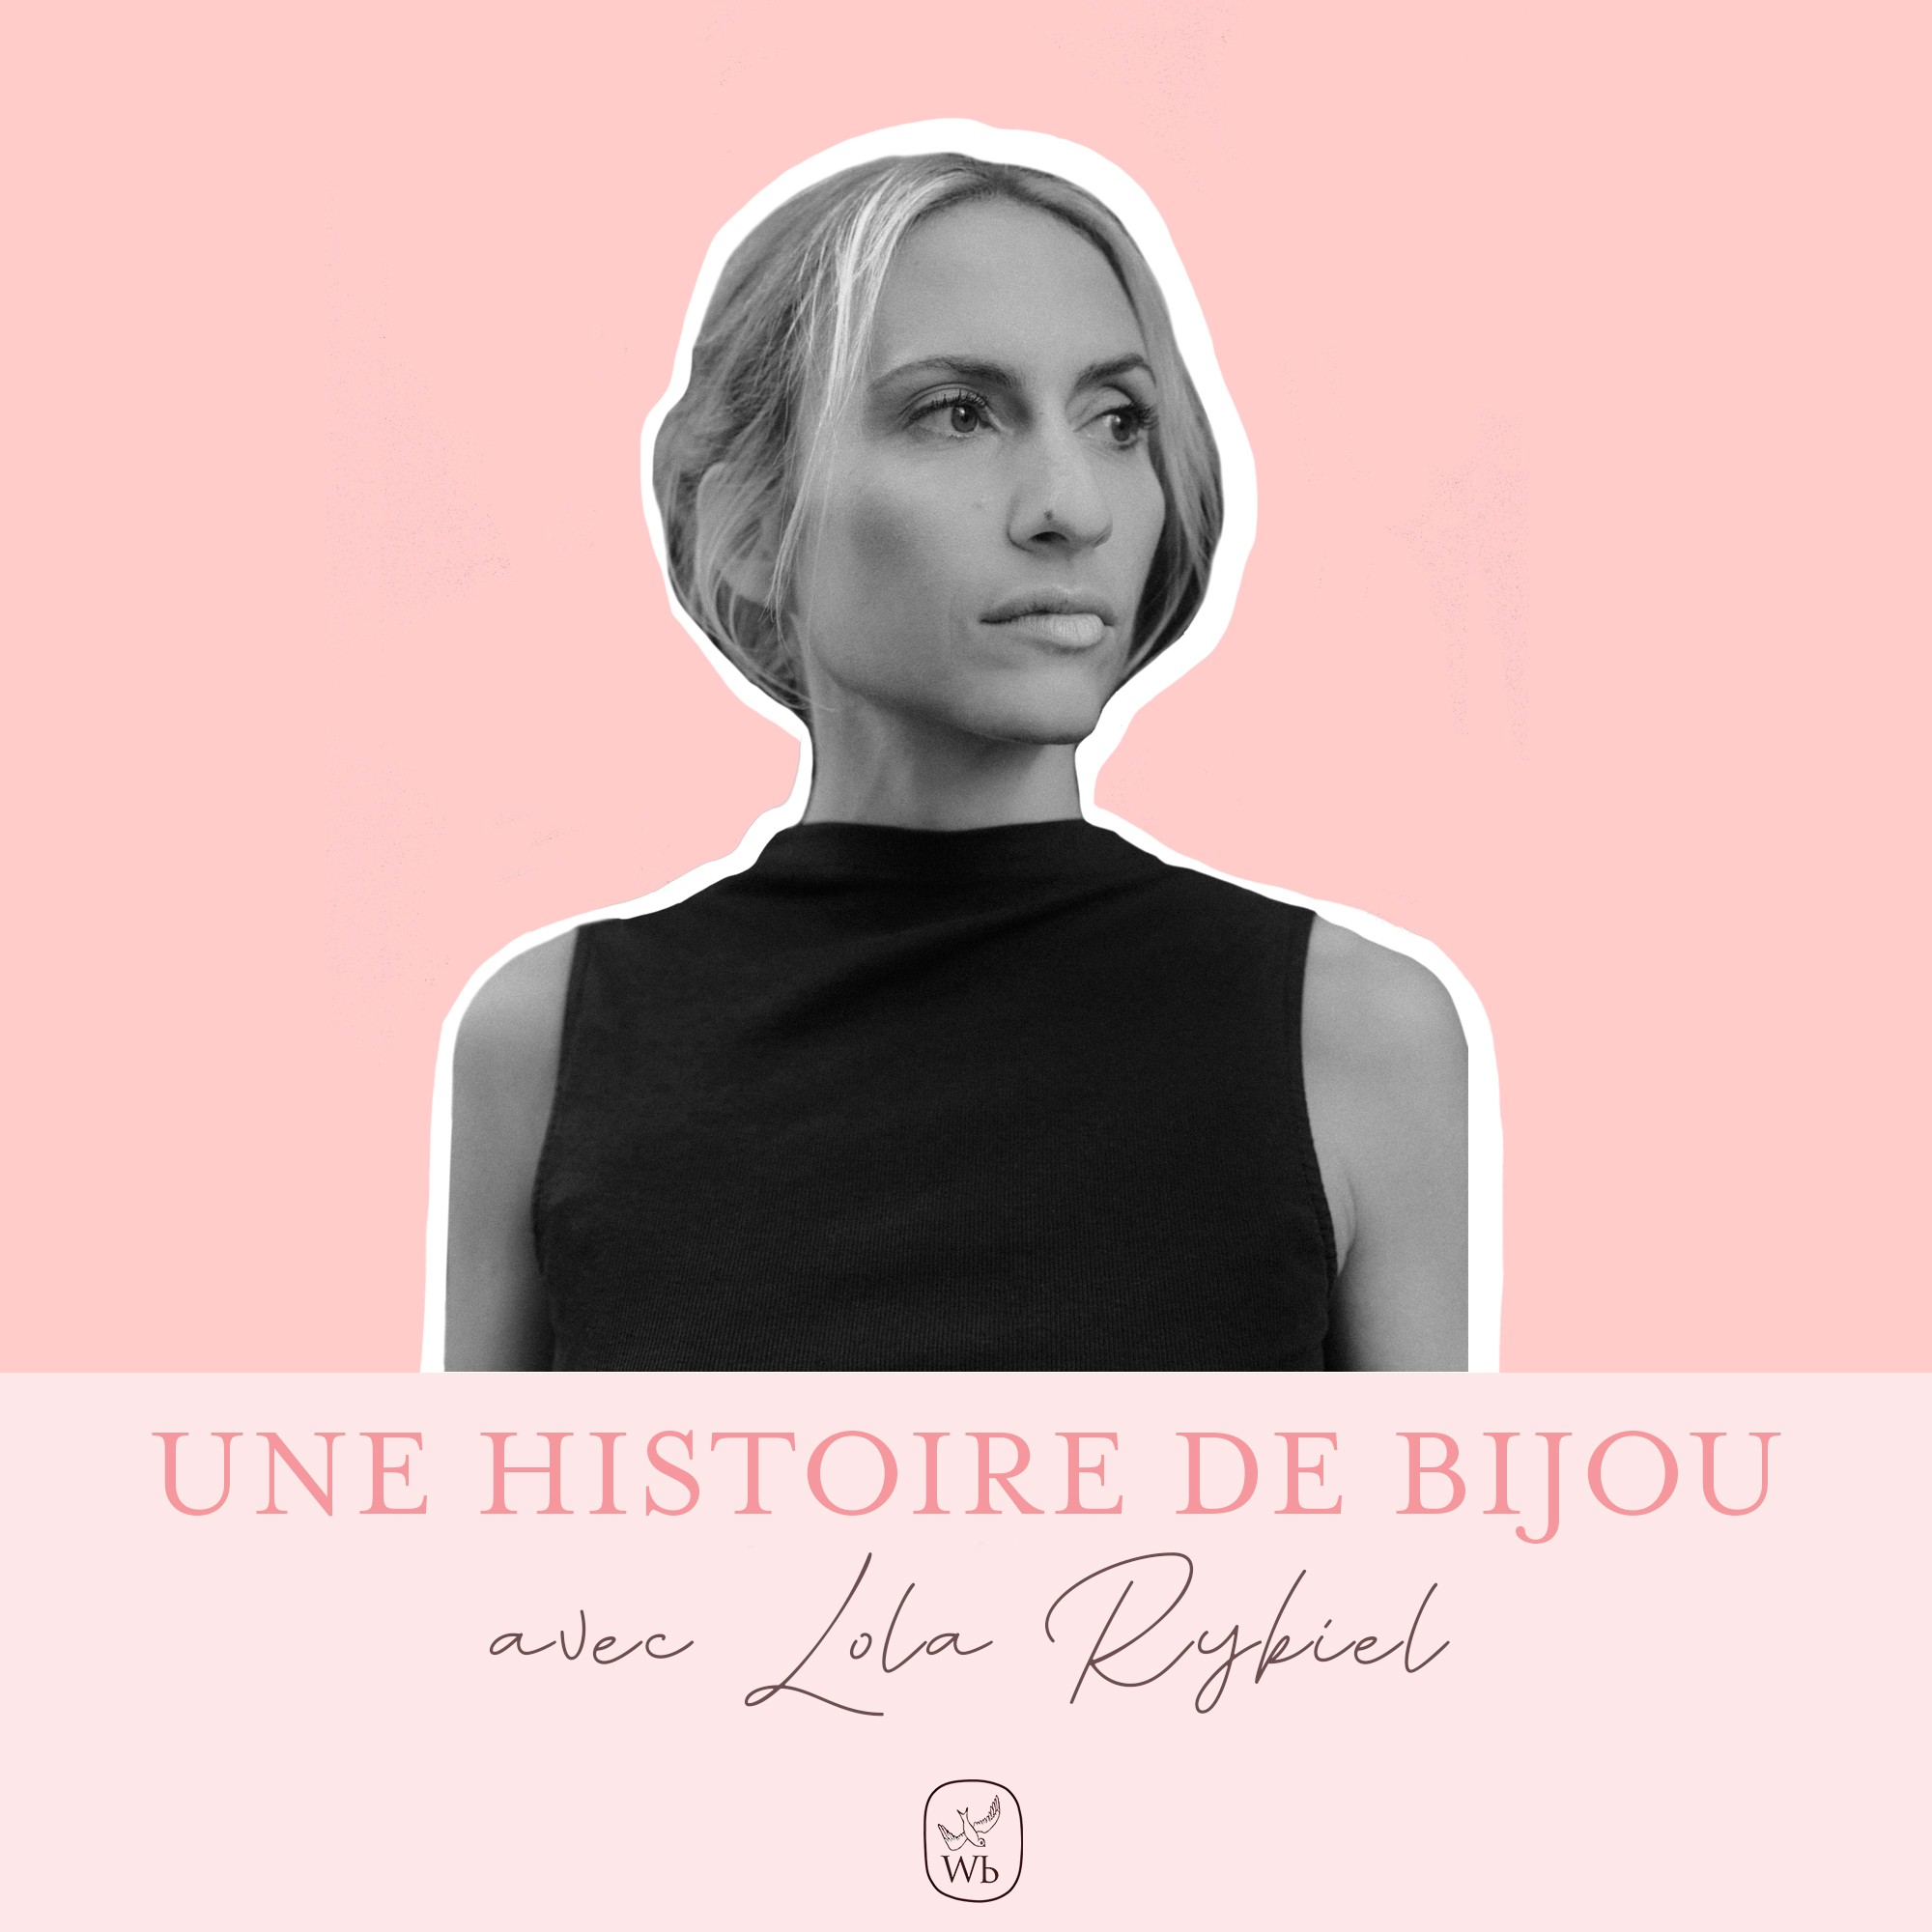 L'histoire de bijou de Lola Rykiel